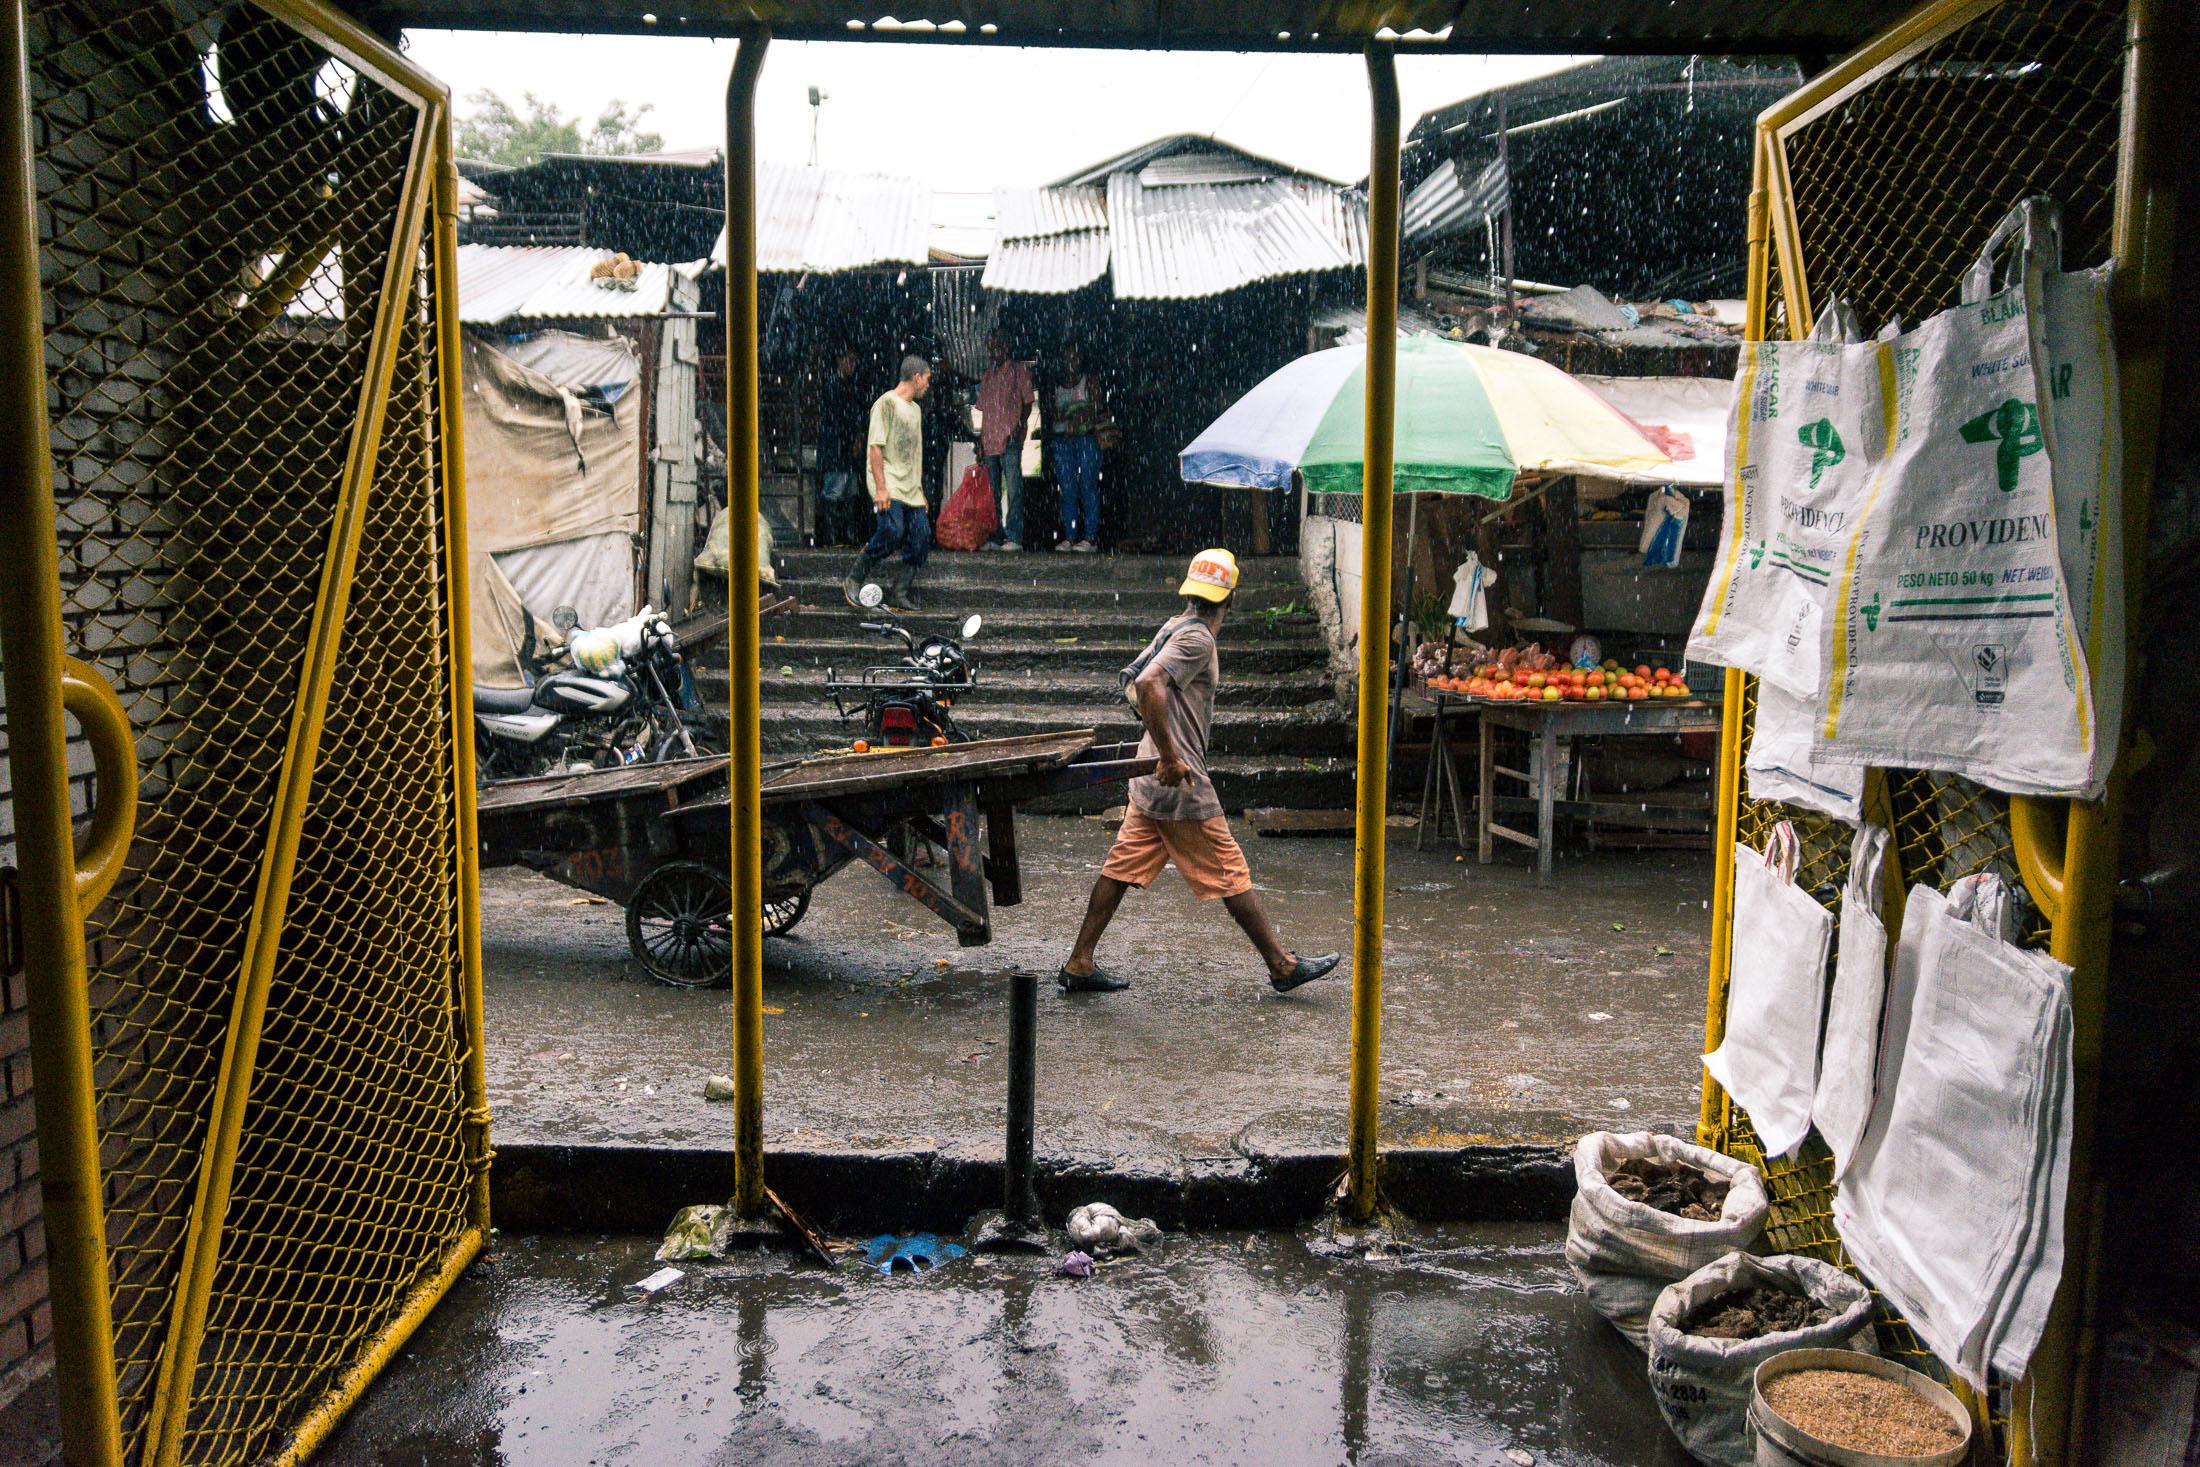 Dirty Mercado